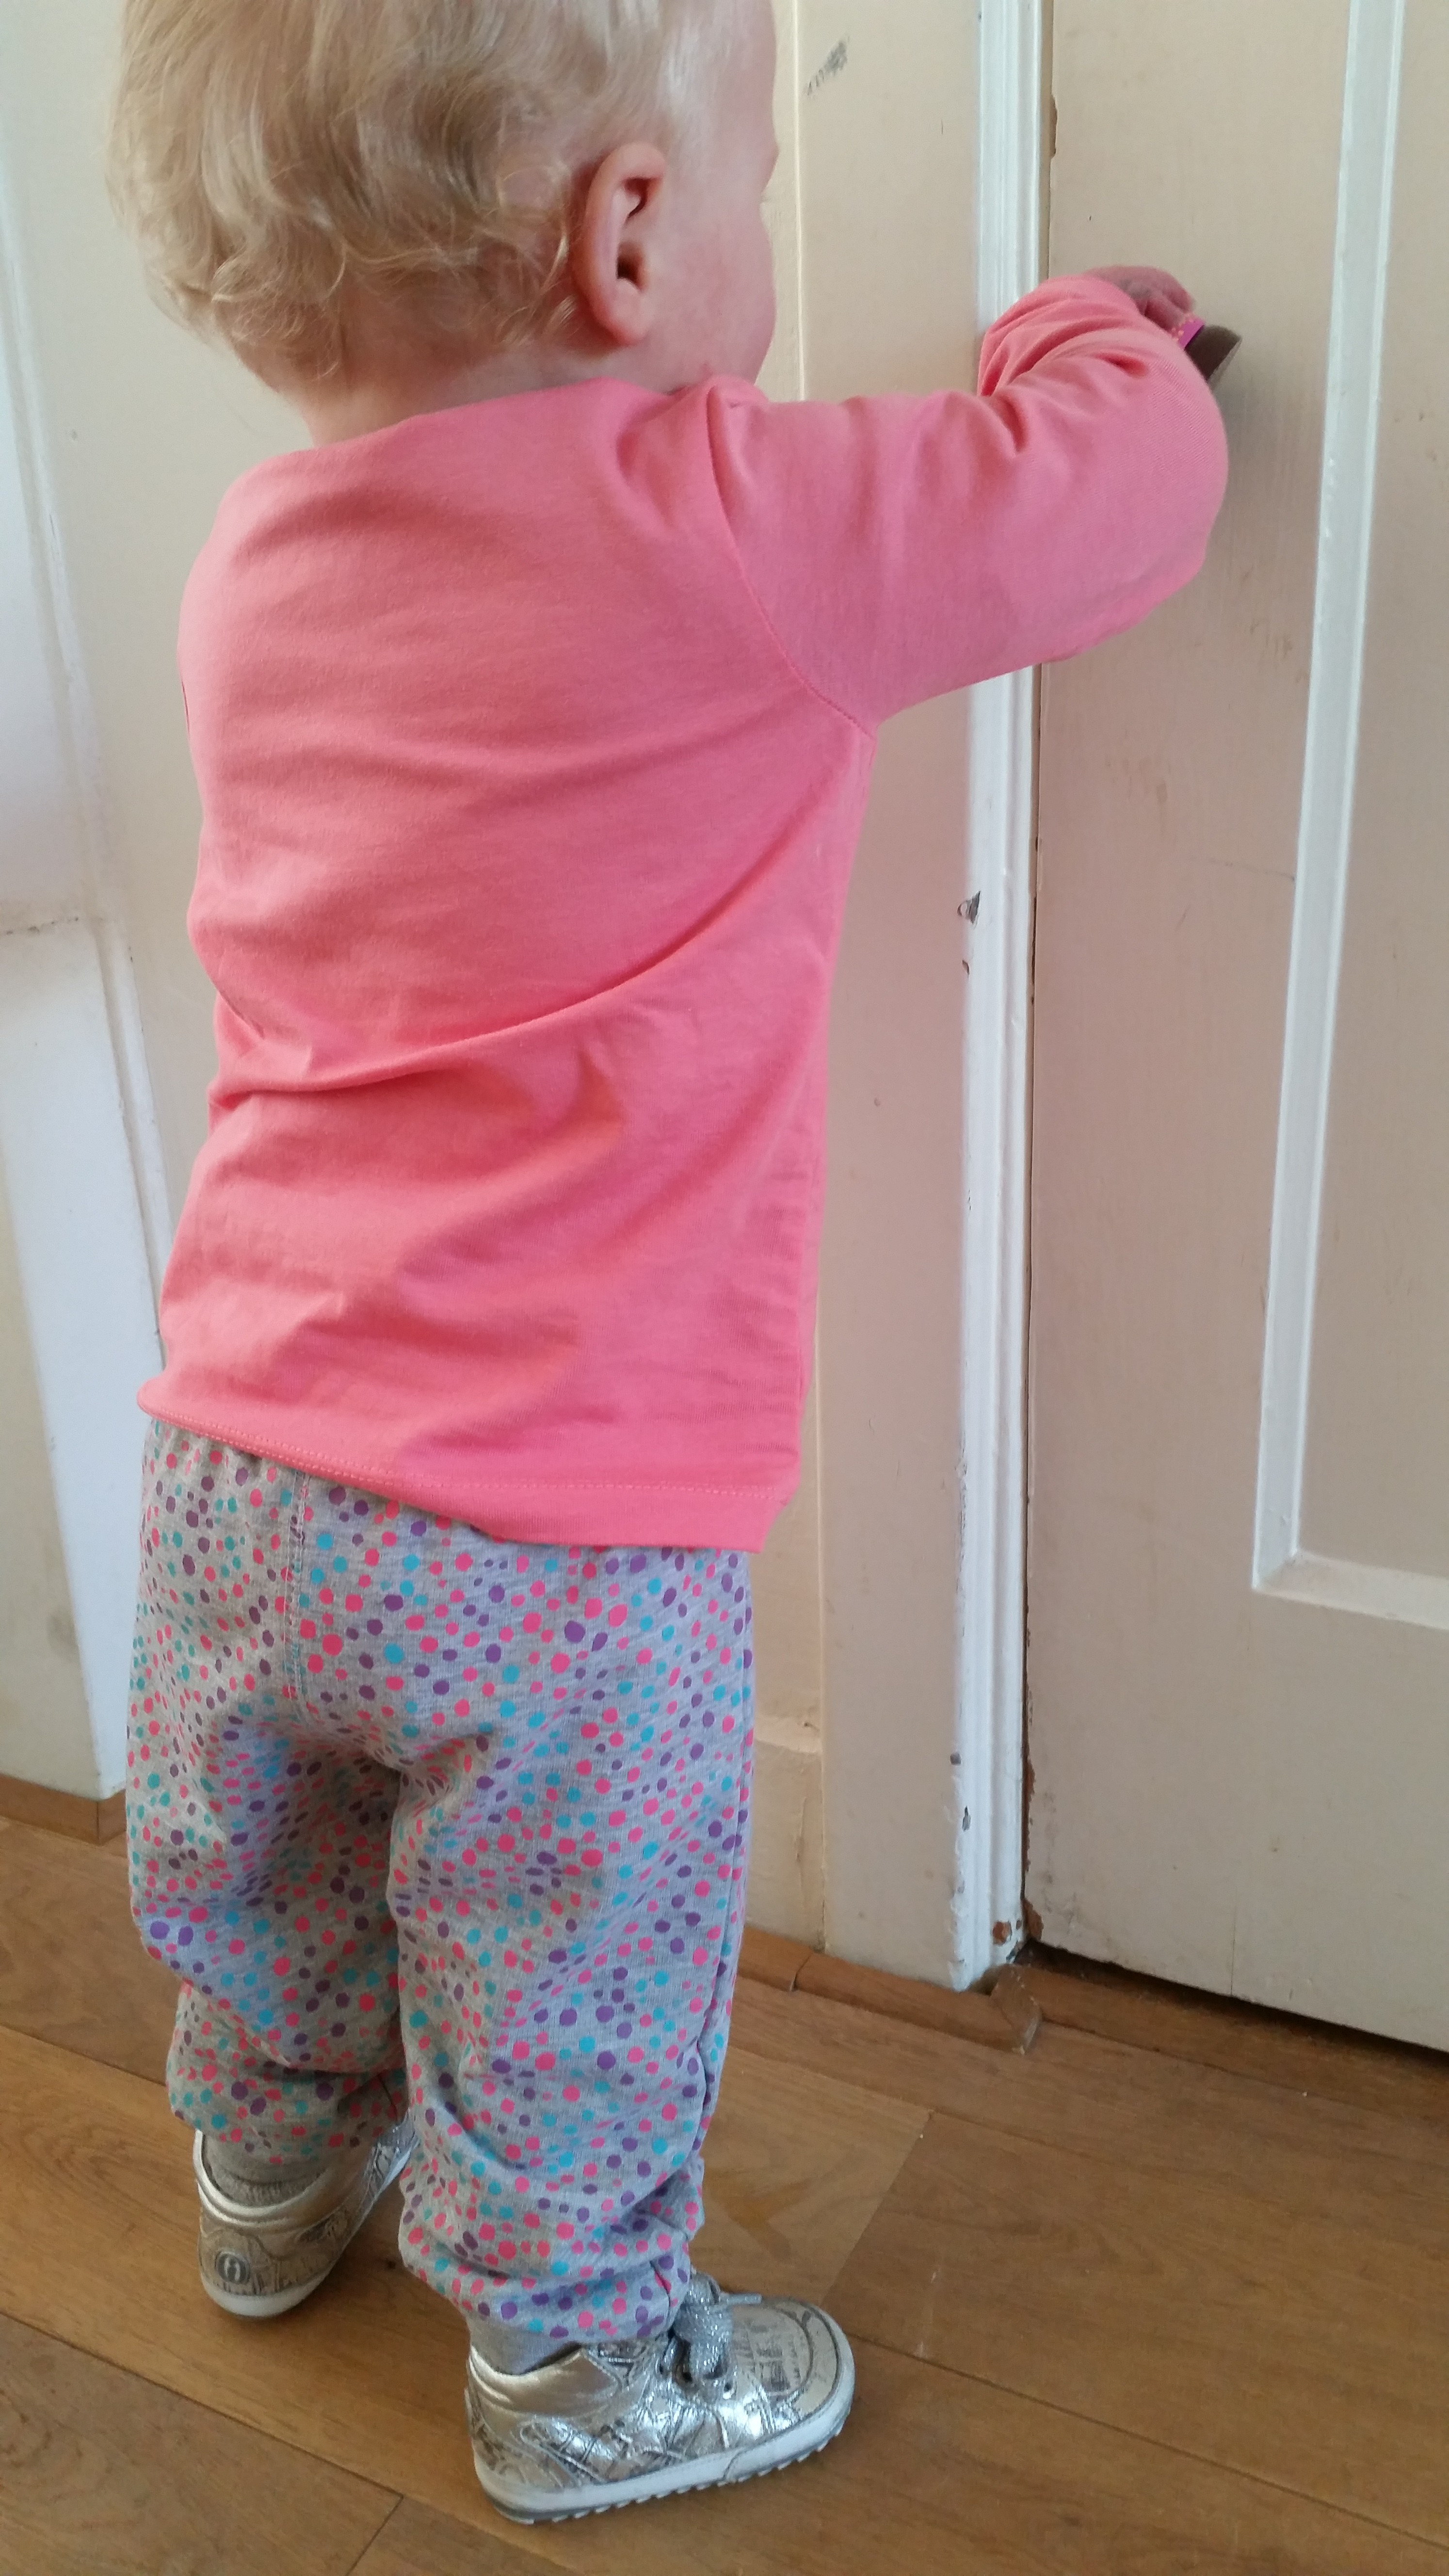 3-16-leuke-zeeman-kleding-kleren-vest-broek-joggingpak-grijs-gekleurde-stippen-vrolijk-baby-peuter-dreumes-nanny-moeder-nanny-annelon-blog-vlog-staan